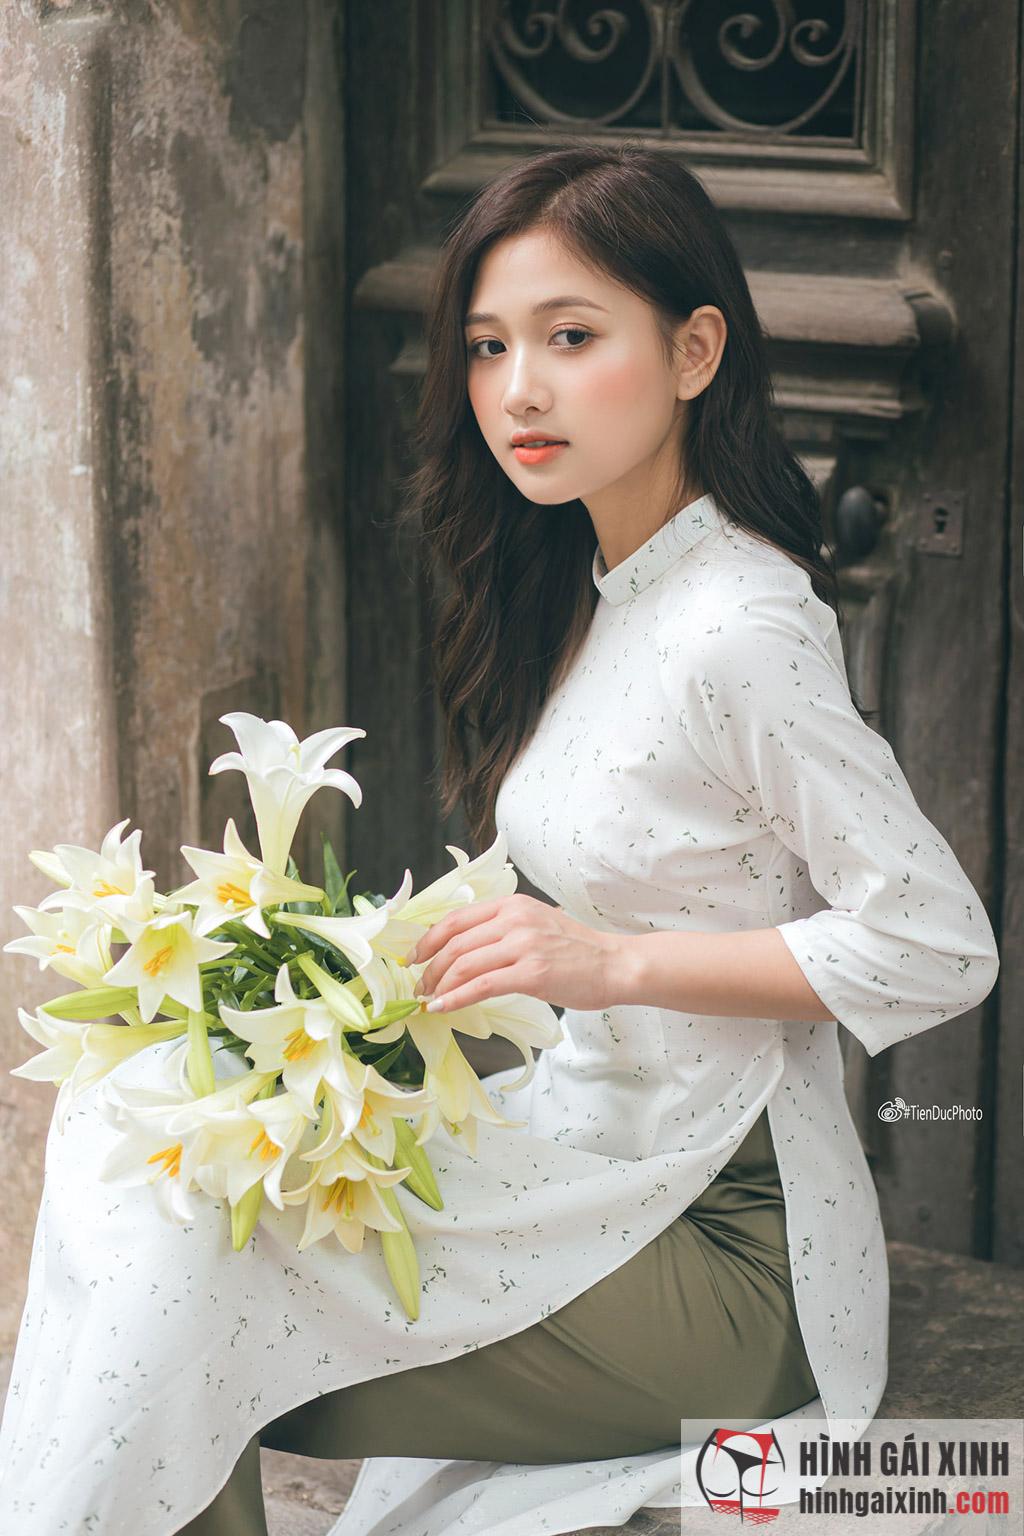 Nữ xinh Việt Nam mang vẻ đẹp dễ thương